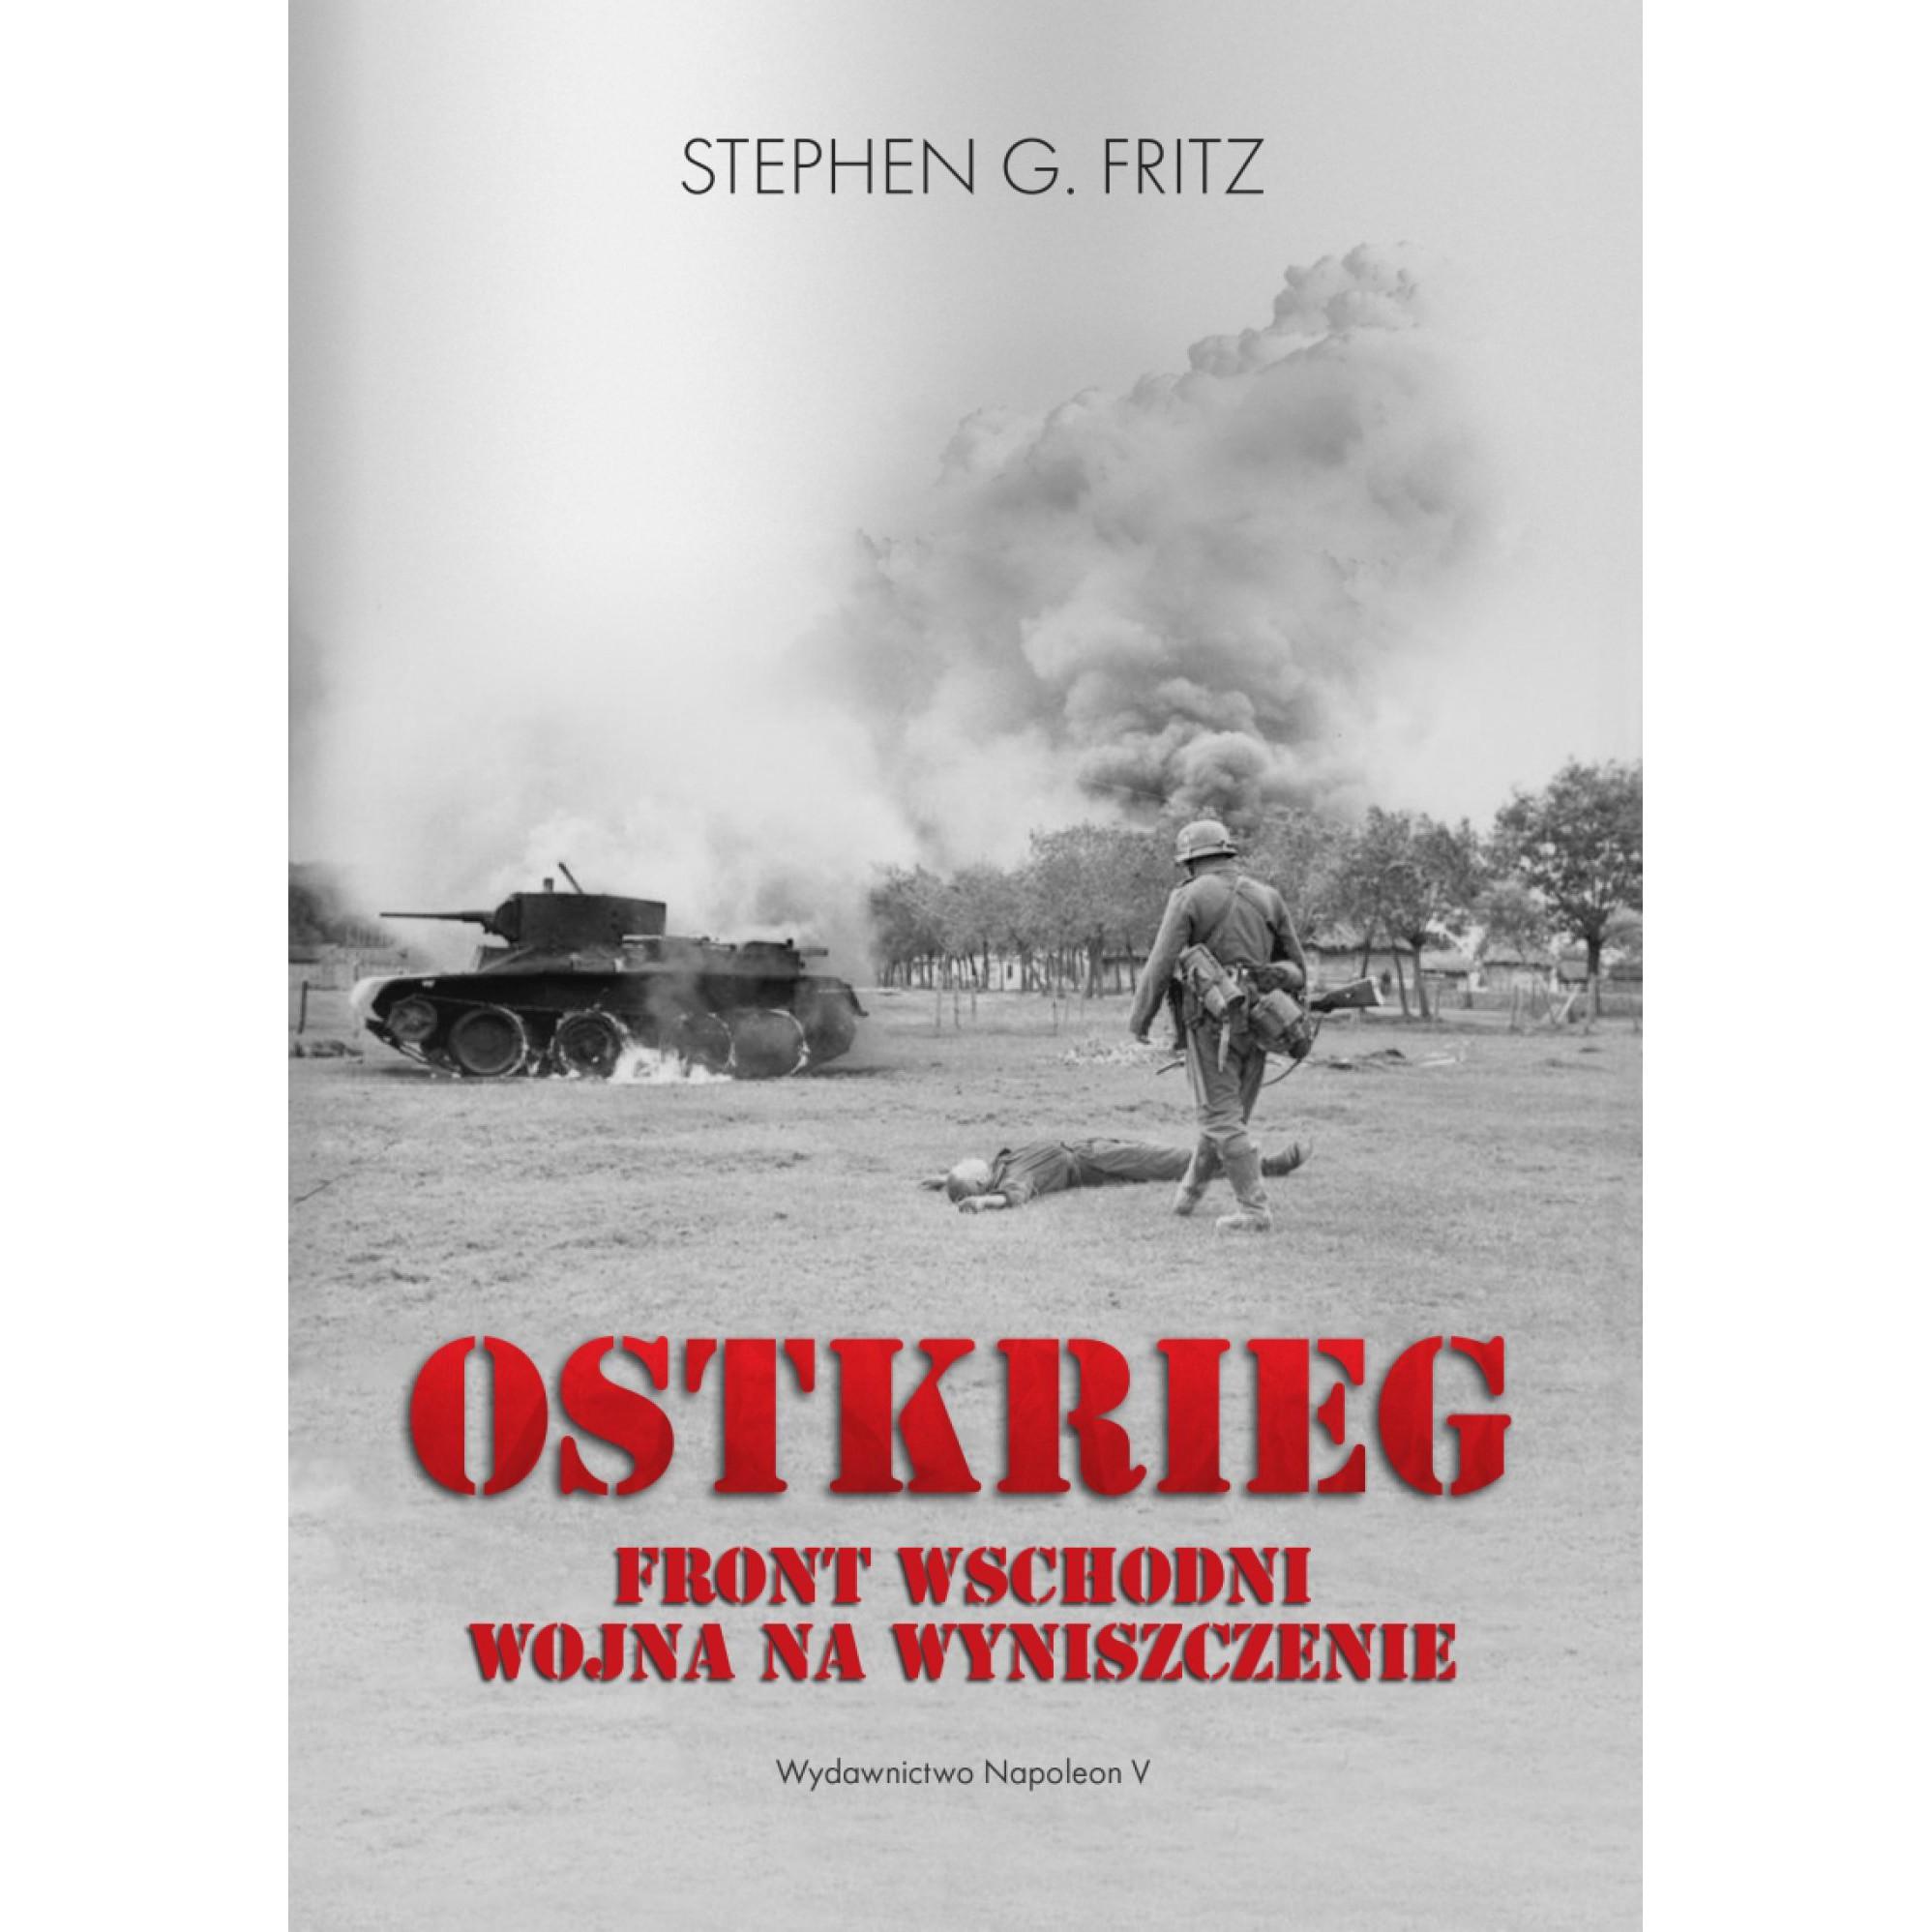 Ostkrieg. Front wschodni: wojna na wyniszczenie